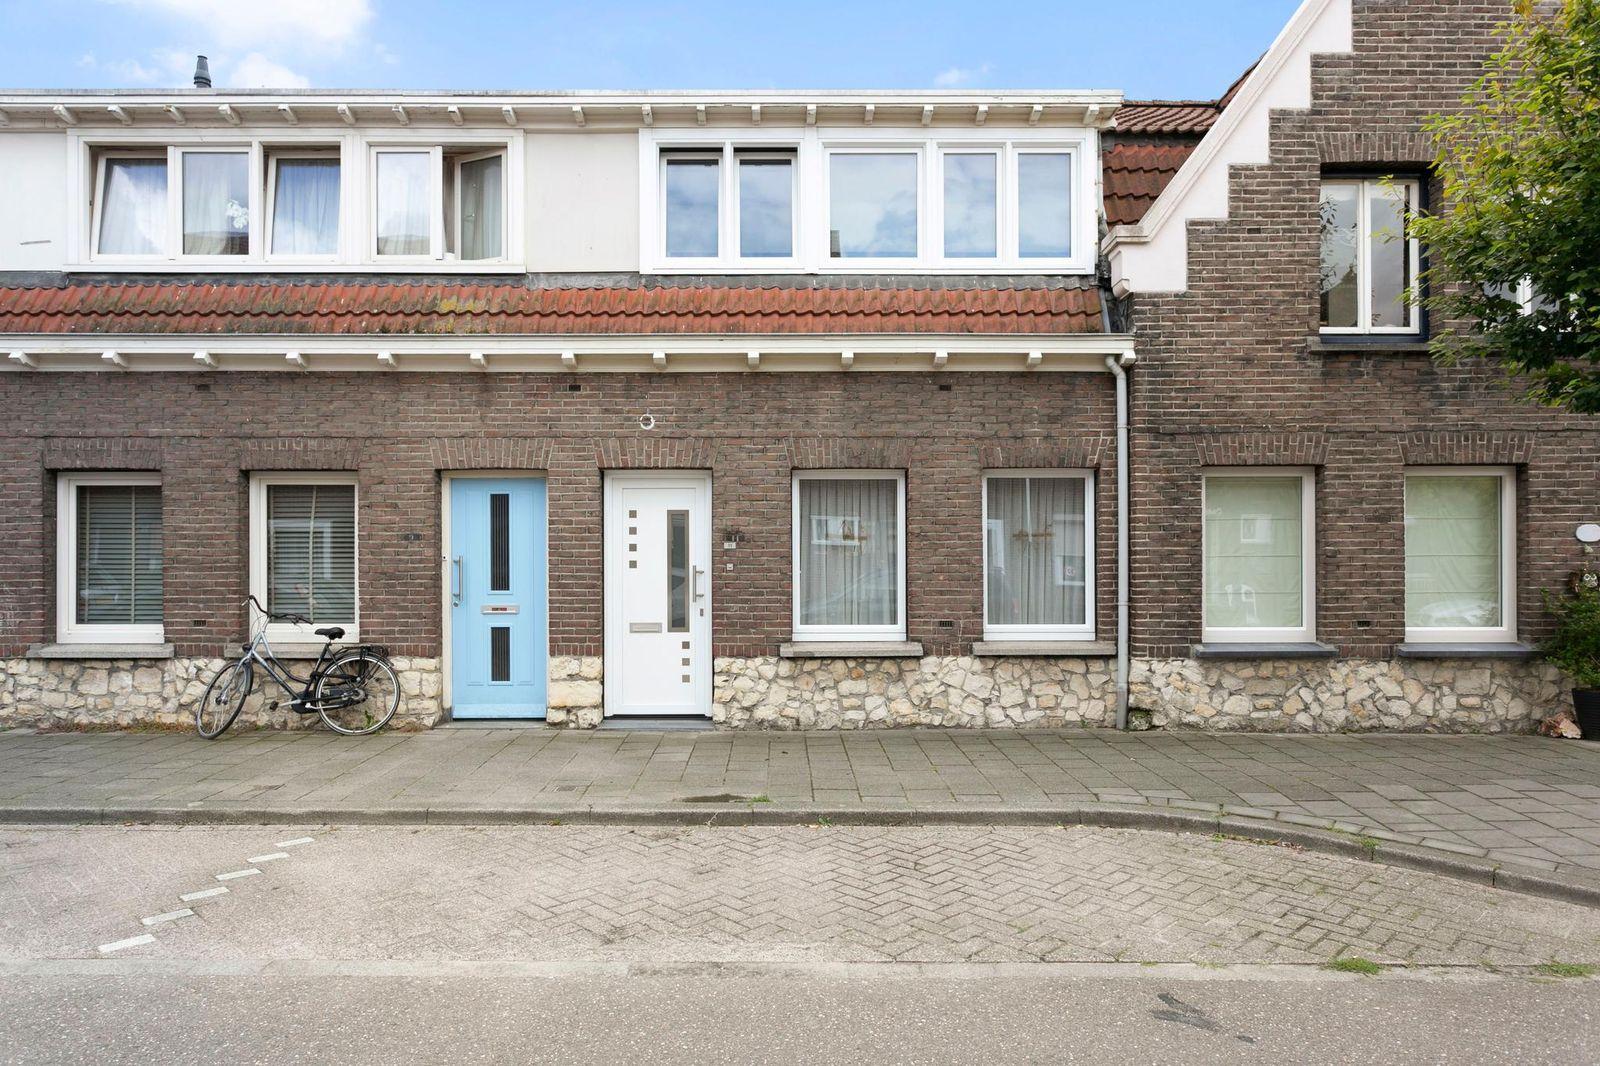 Markiesstraat 11, Heerlen